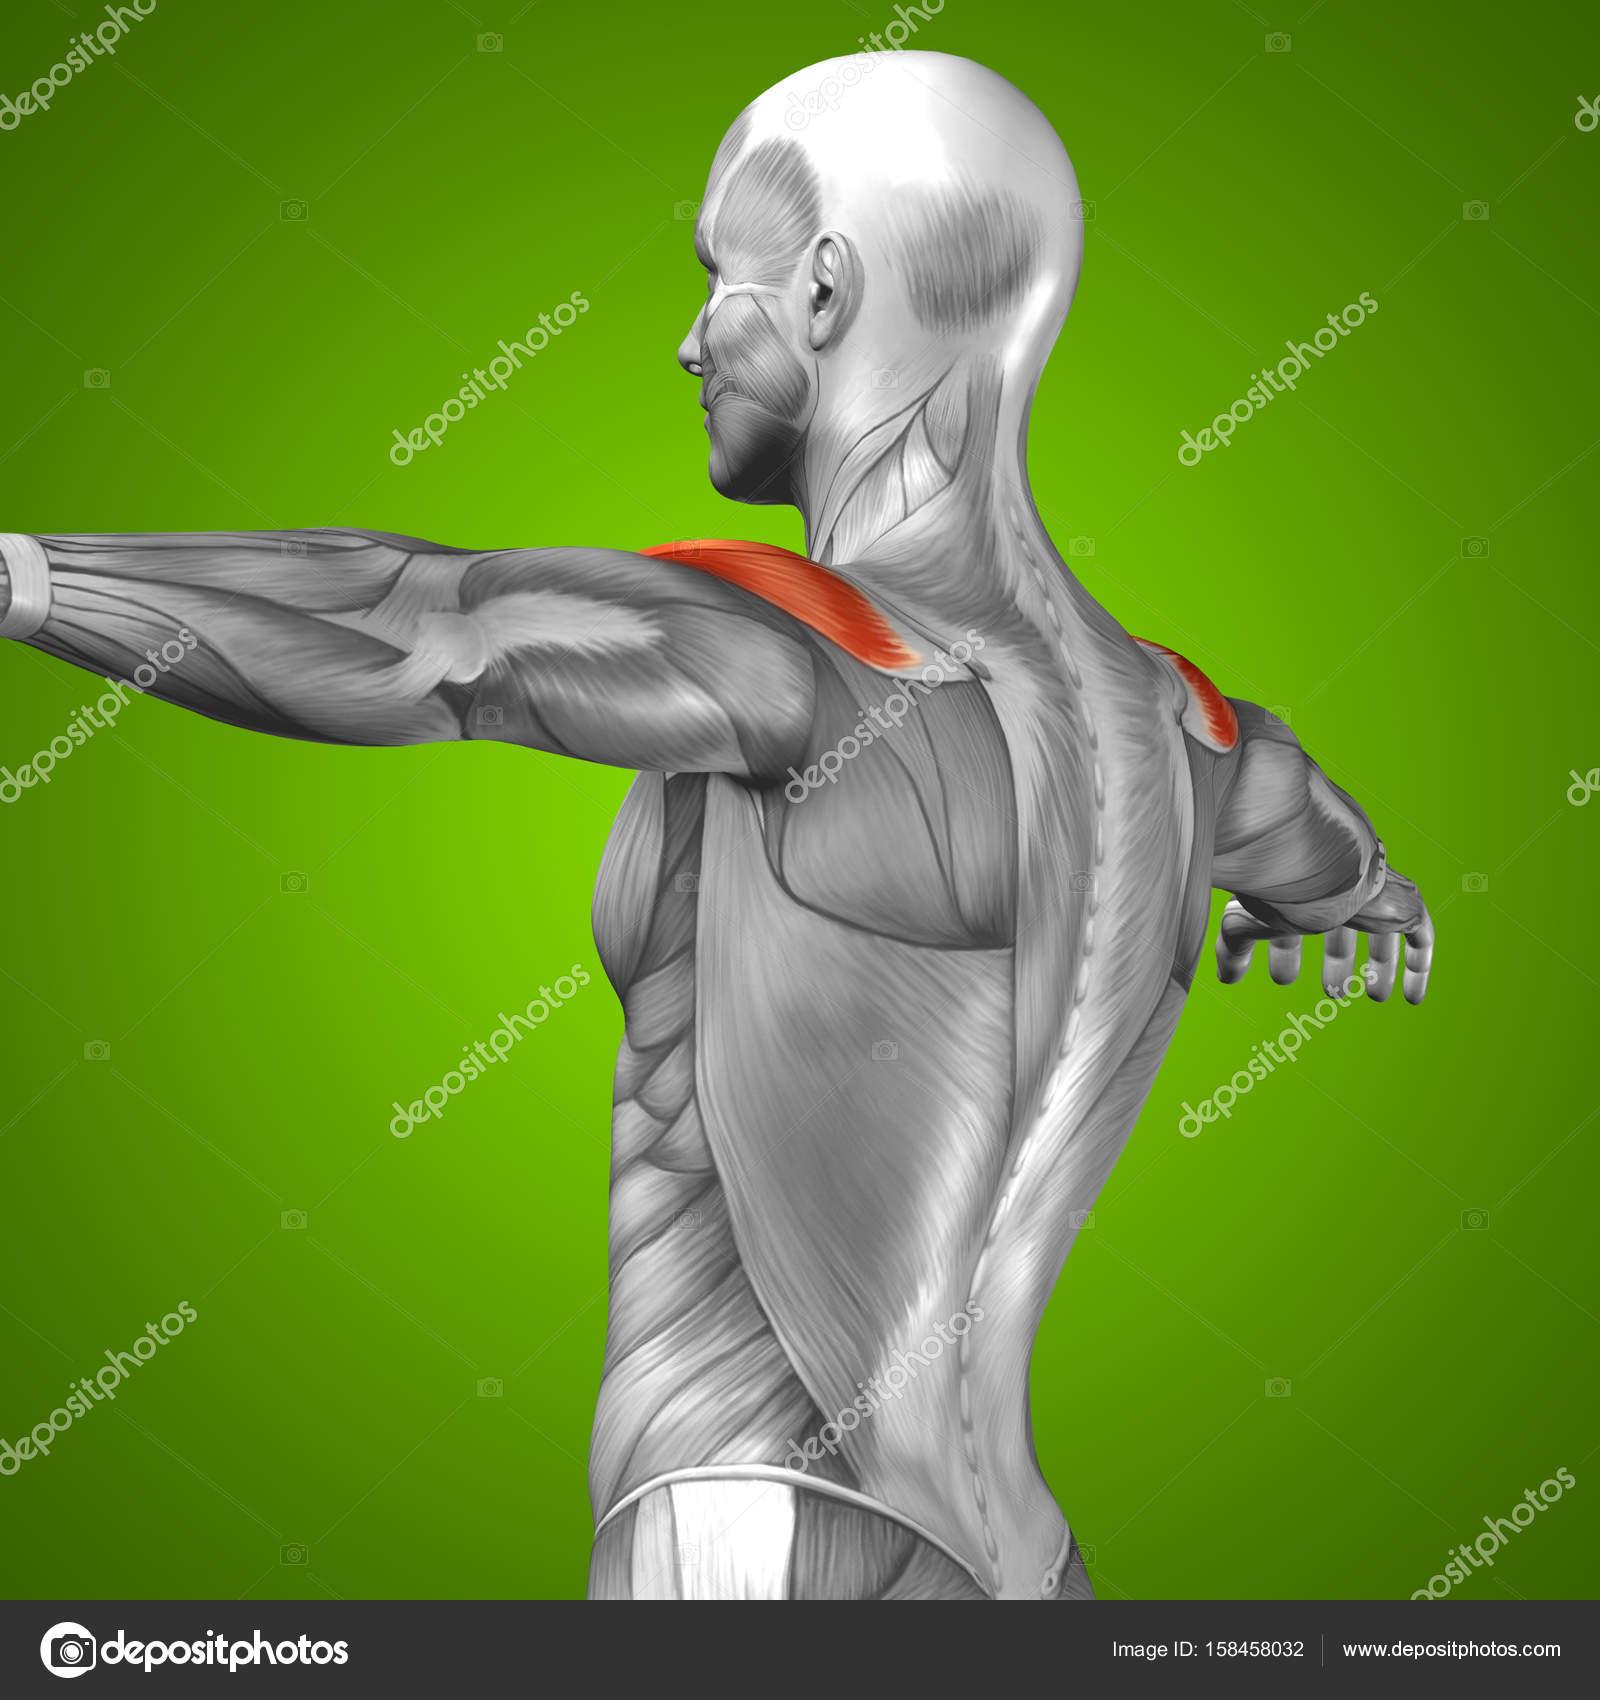 Bauch menschliche Anatomie — Stockfoto © design36 #158458032